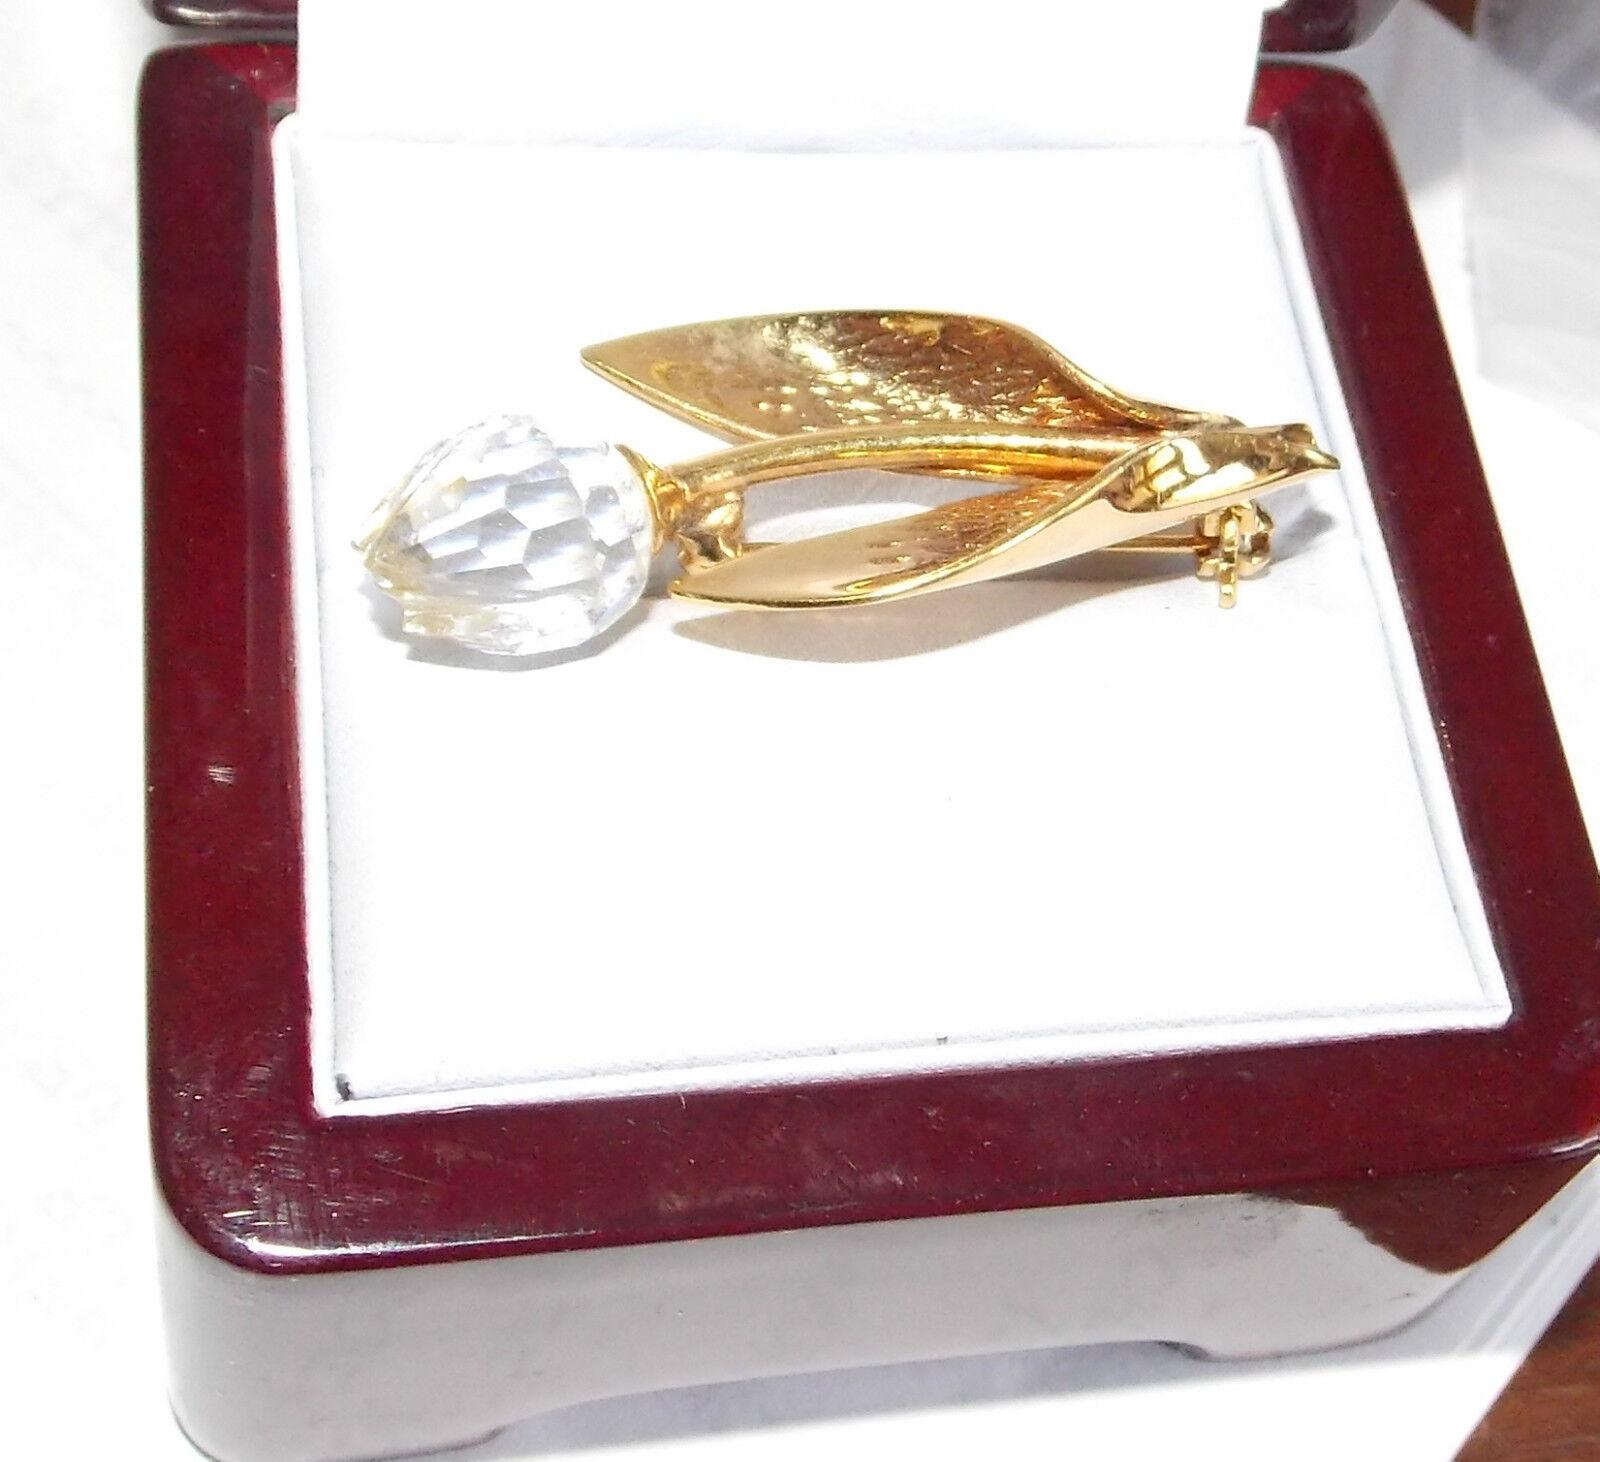 Dainty Swan Swarovski Crystal Glass Tulip Bud Flower gold Tone Brooch Pin 11a 5